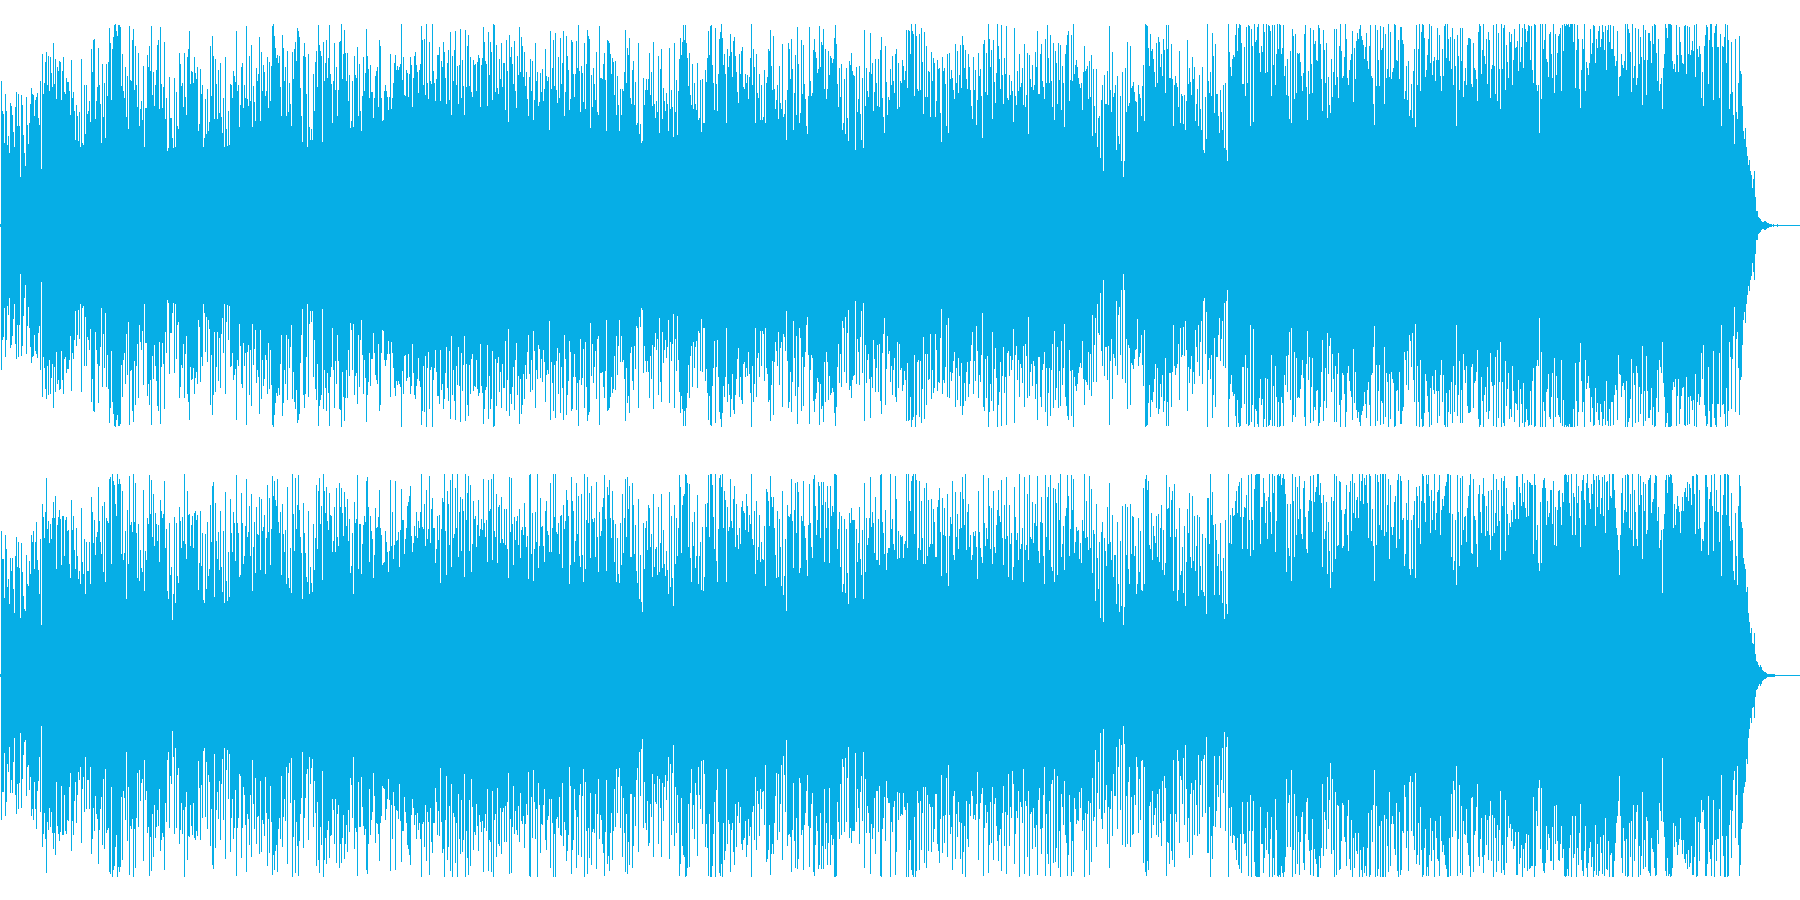 青く切ない想い出が疾走するギターポップの再生済みの波形